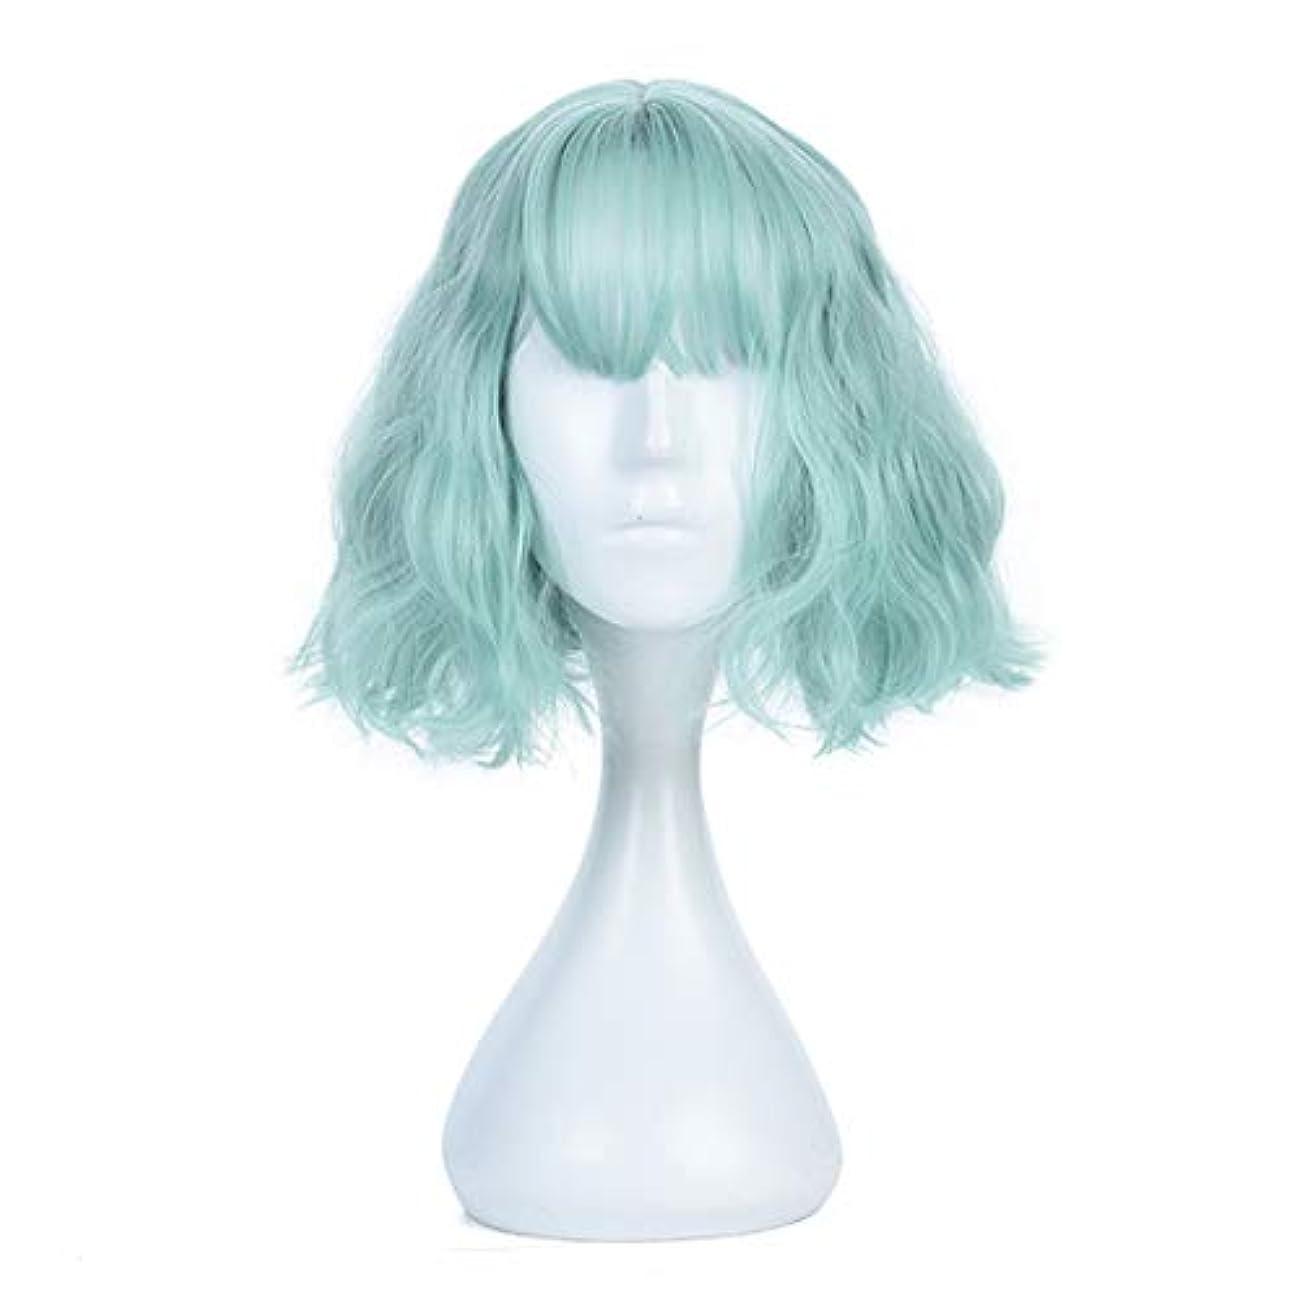 呼吸するモスク億YOUQIU 女性のかつらのためのフラット前髪コスプレ衣装デイリーパーティーウィッグと12インチ女子ショートボボ髪カーリーの合成 (色 : Blonde light Green, サイズ : 12